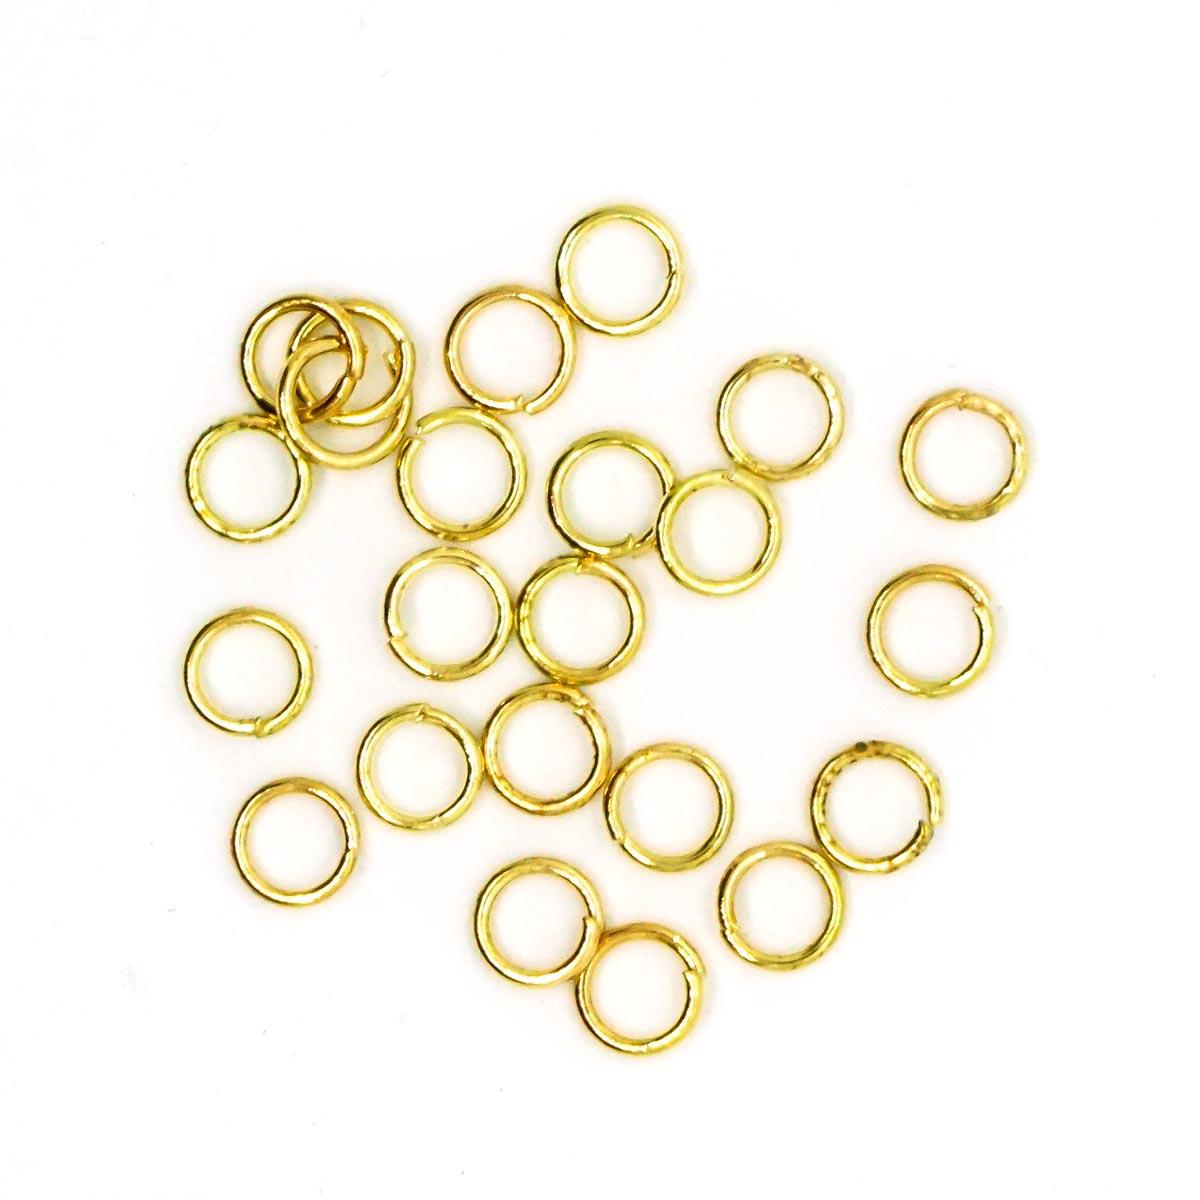 4AR241/242/243 Кольцо соединительное 0,9*6мм, 50шт/упак, Астра